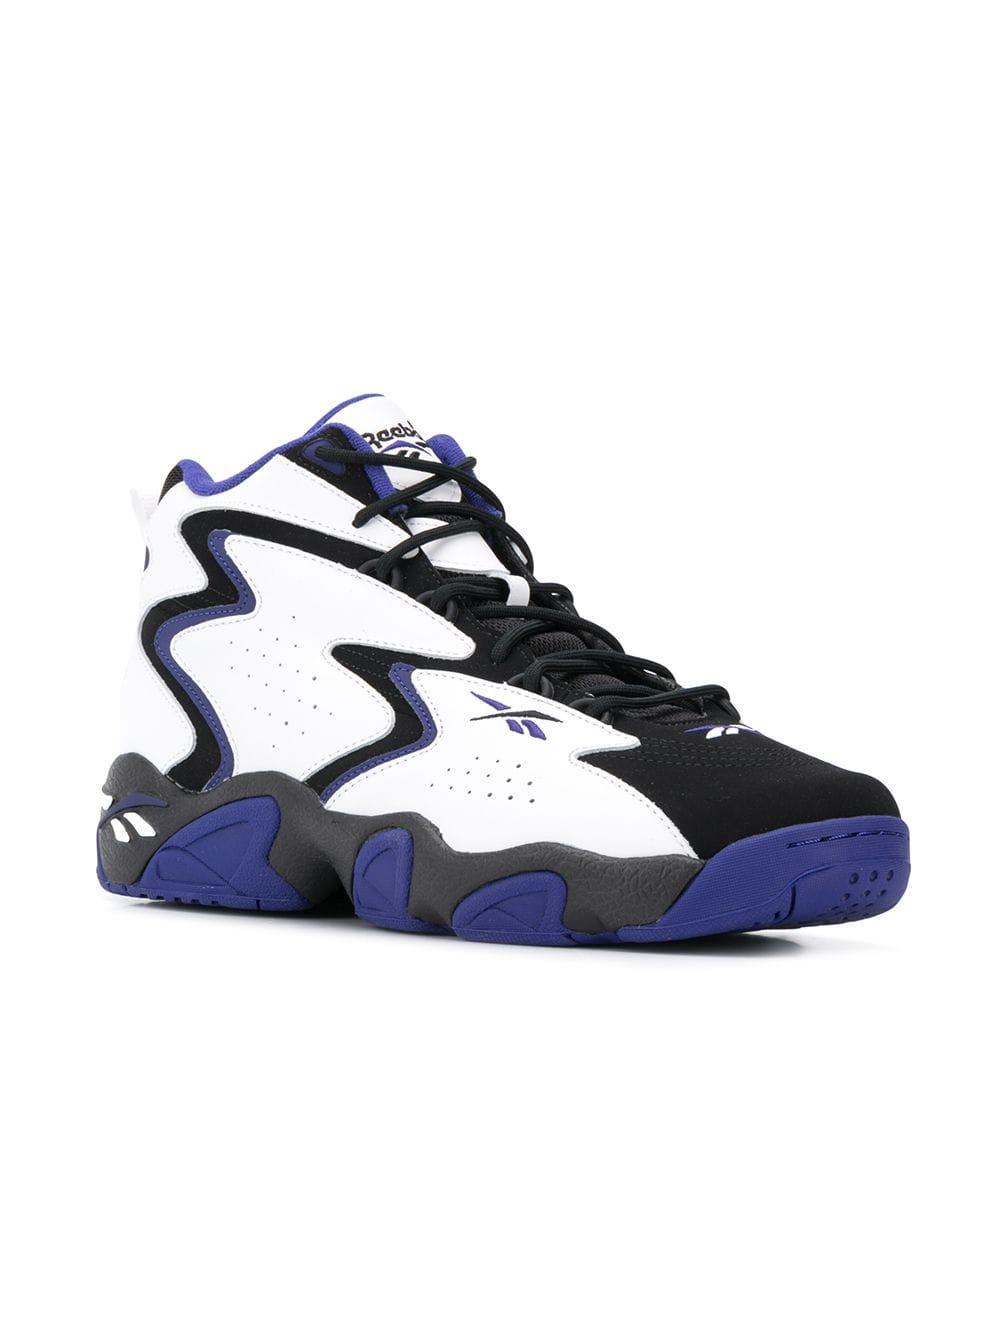 279b12c308be Reebok Mobius Og Sneakers in Black for Men - Lyst